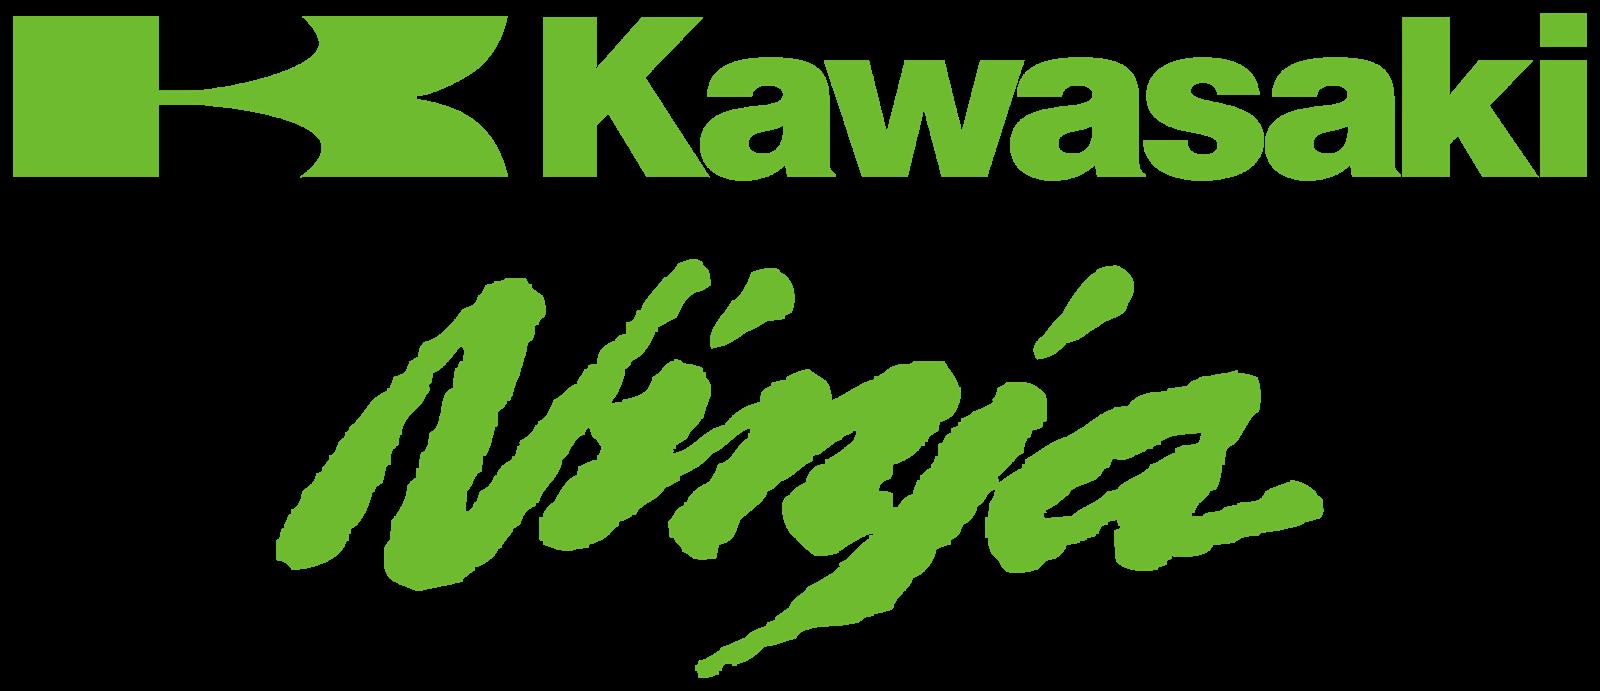 Kawasaki Eps